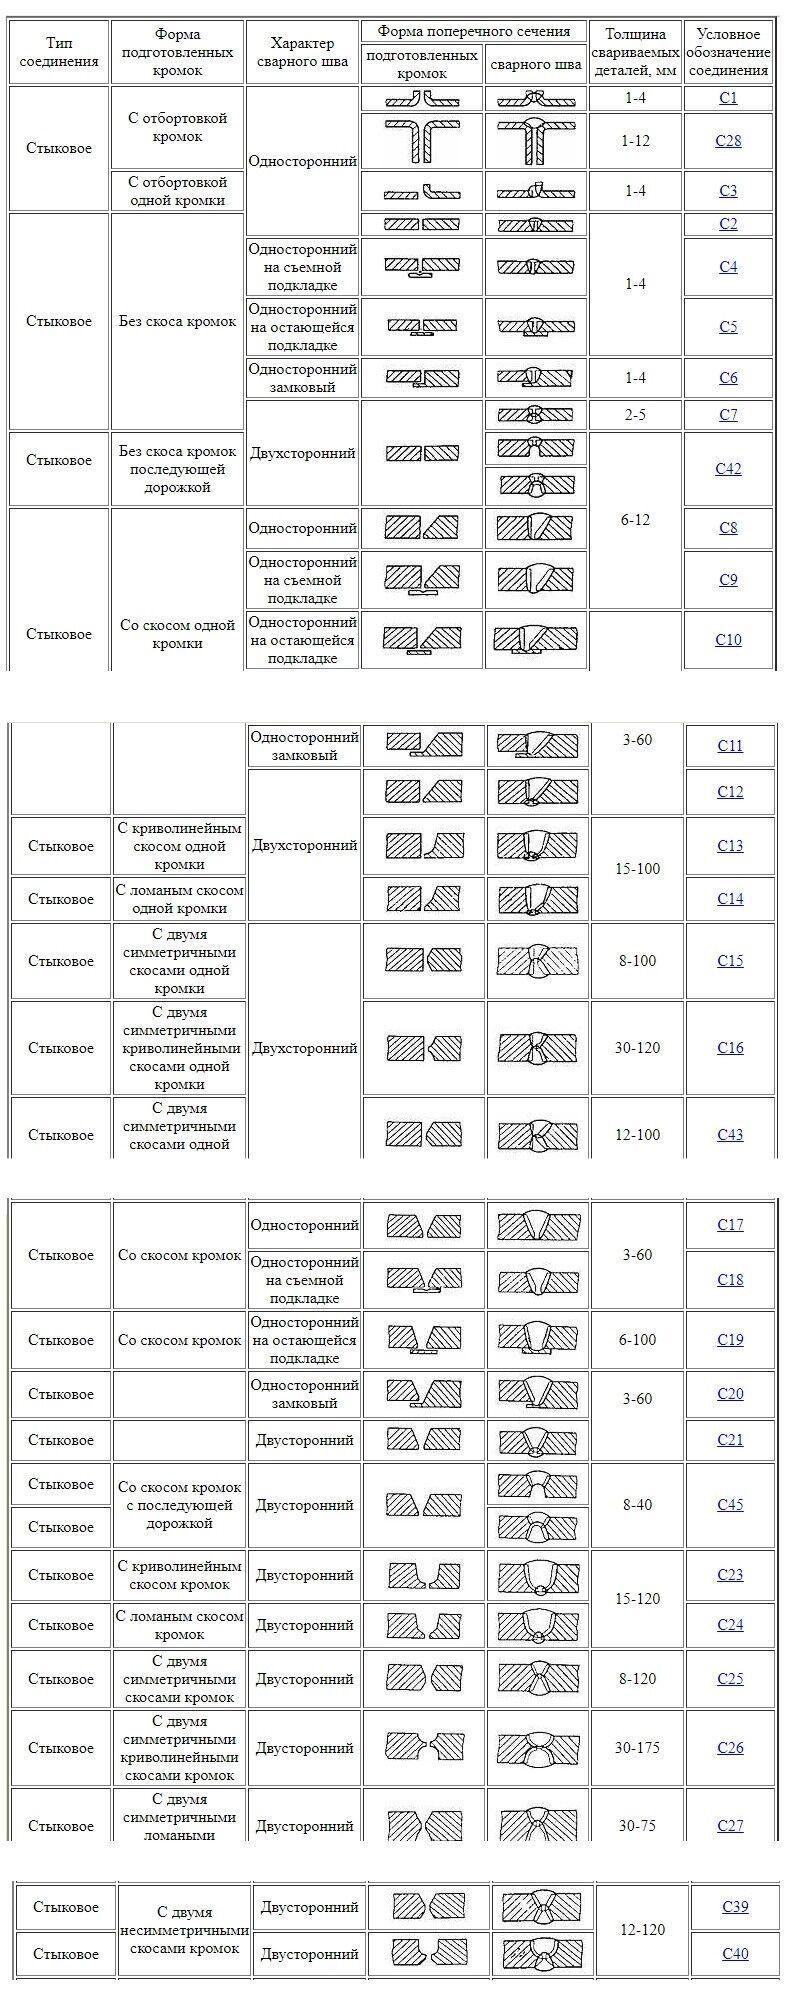 Таблица с видами стыковой сварки